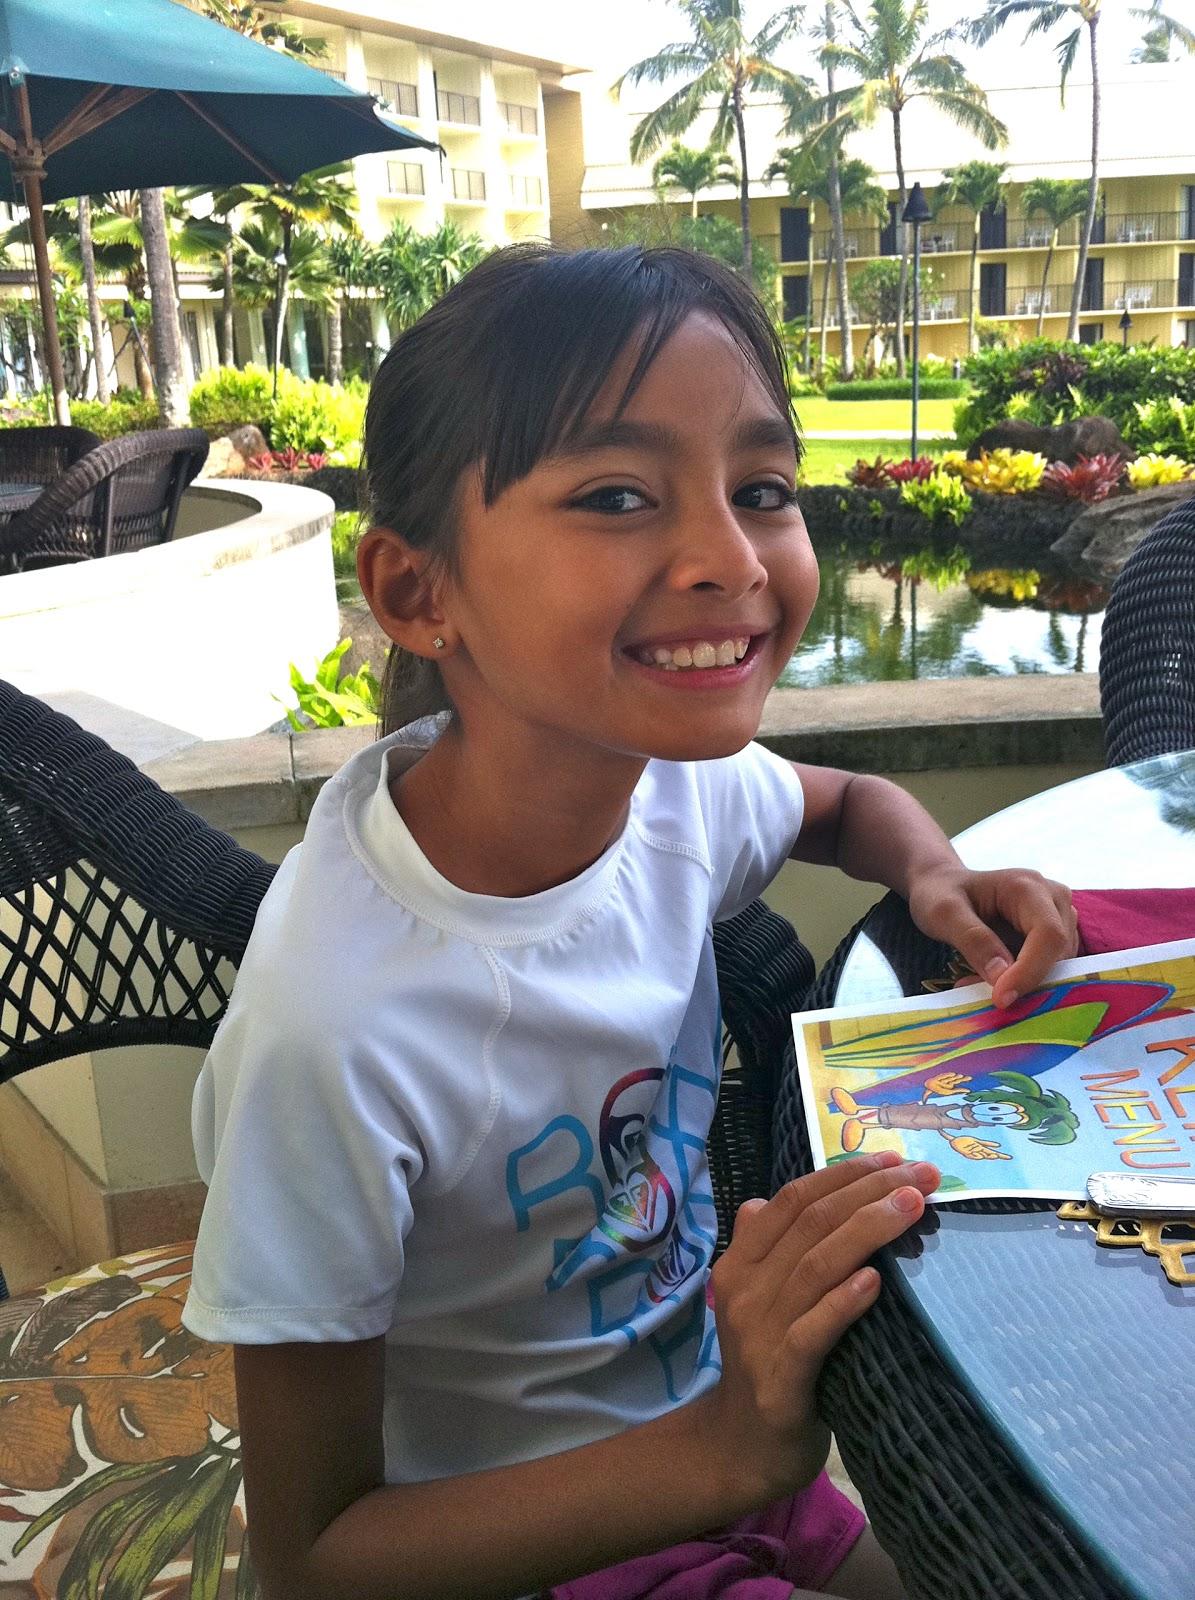 Tropical cutie deli greateatshawaii blogspot com